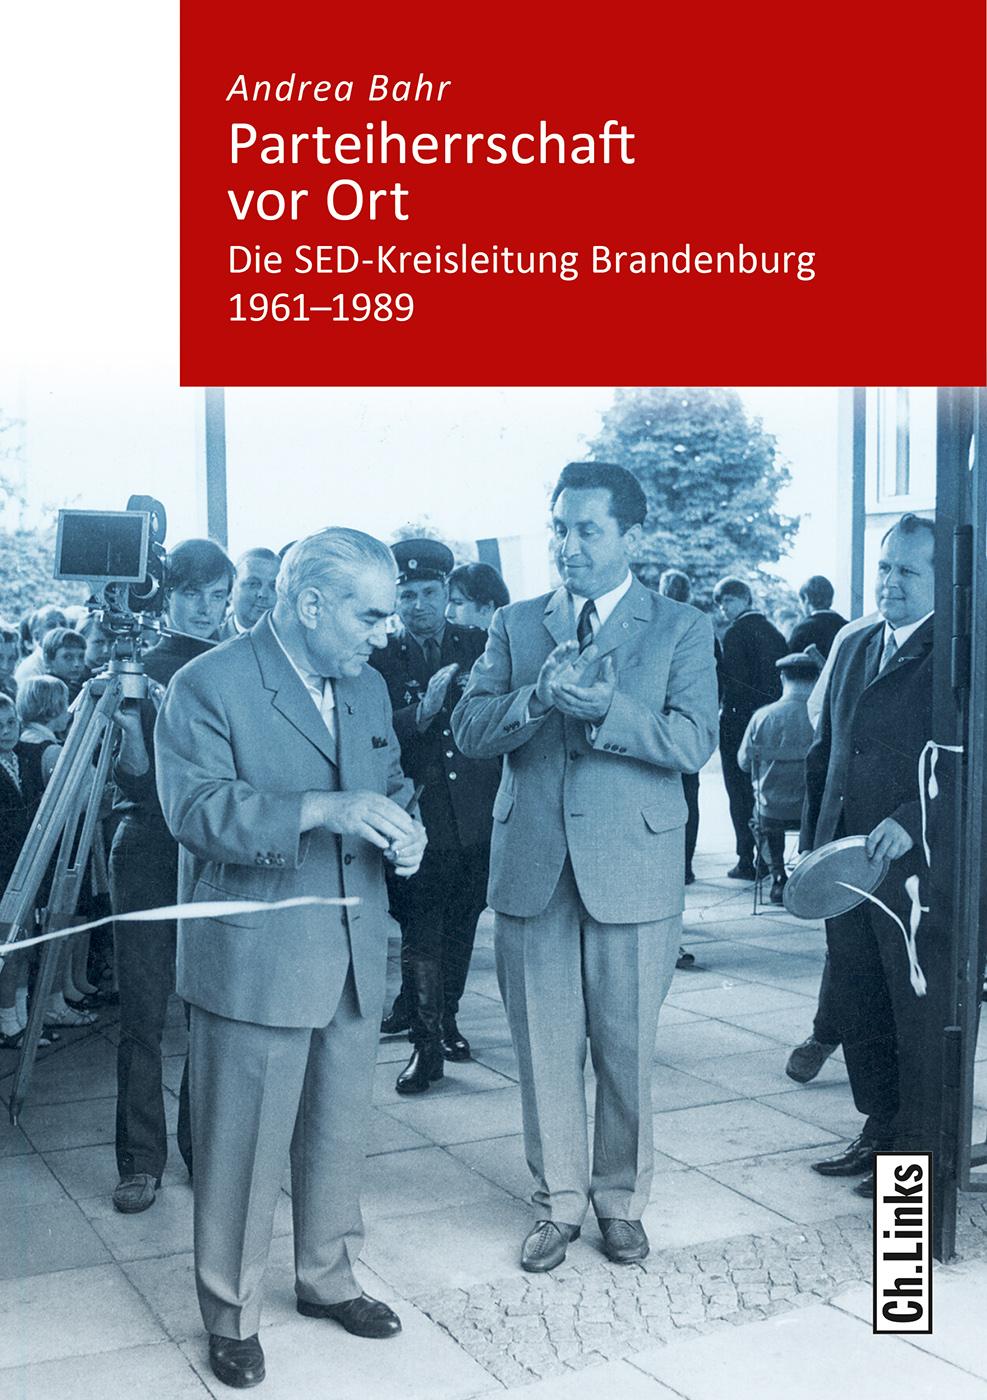 Parteiherrschaft-vor-Ort-Andrea-Bahr